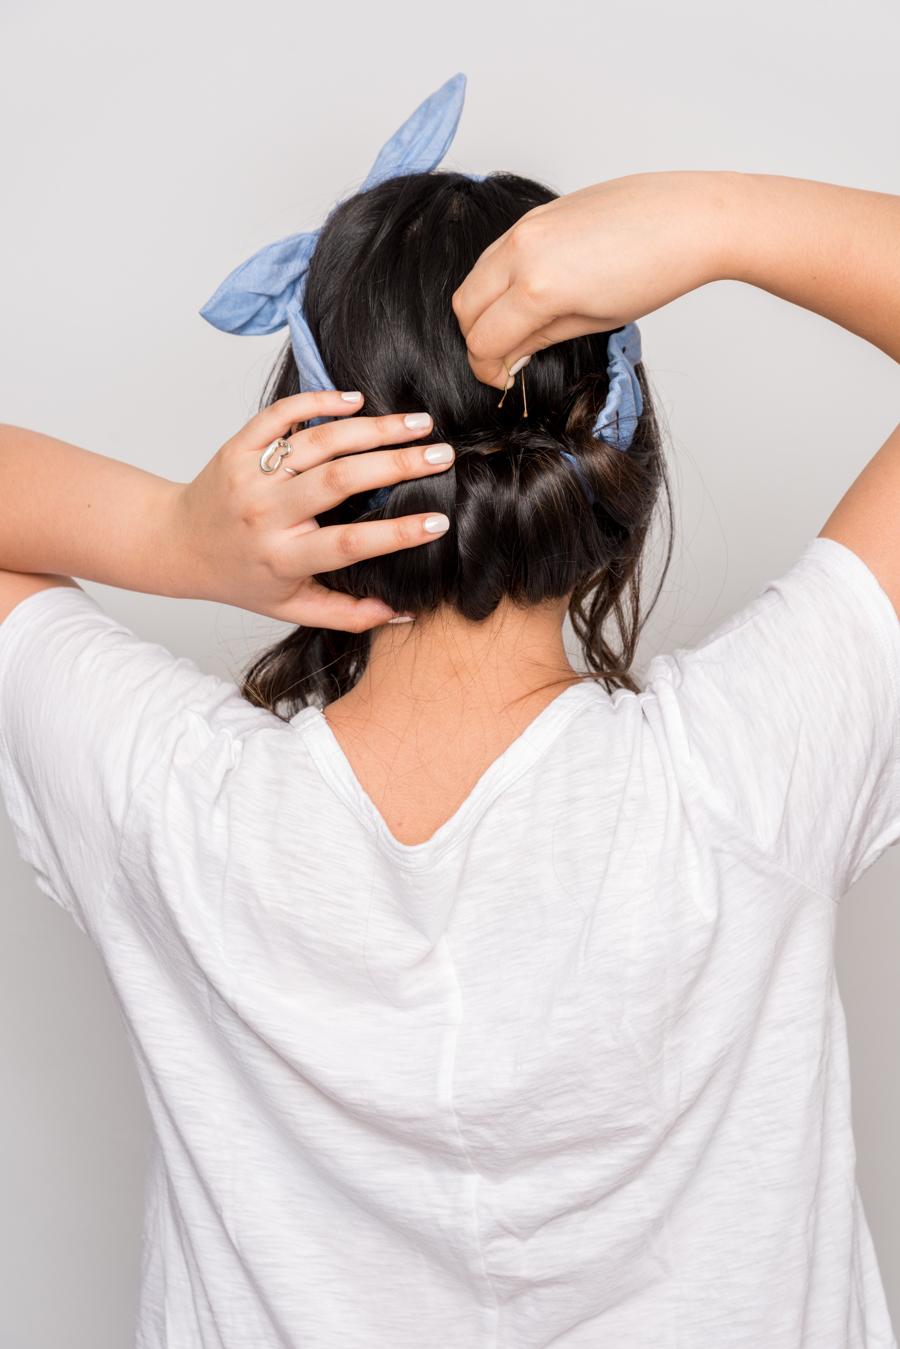 How To Do An Easy Headband Updo 夏にオススメの簡単ヘアアレンジ 8